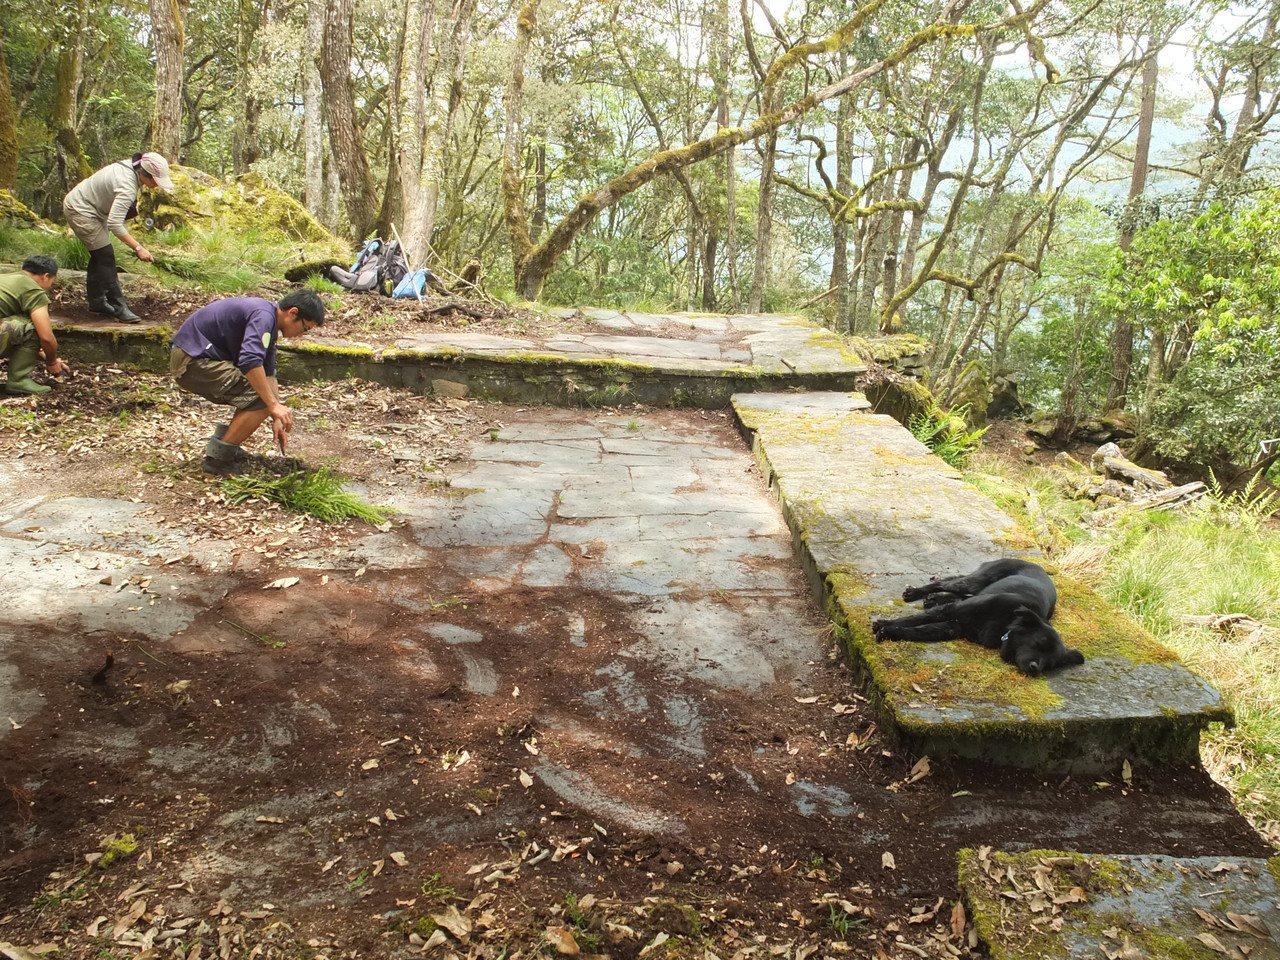 花蓮拉庫拉庫溪流域曾有12個布農族舊社,至今仍留有舊社遺址。圖/趙聰義提供